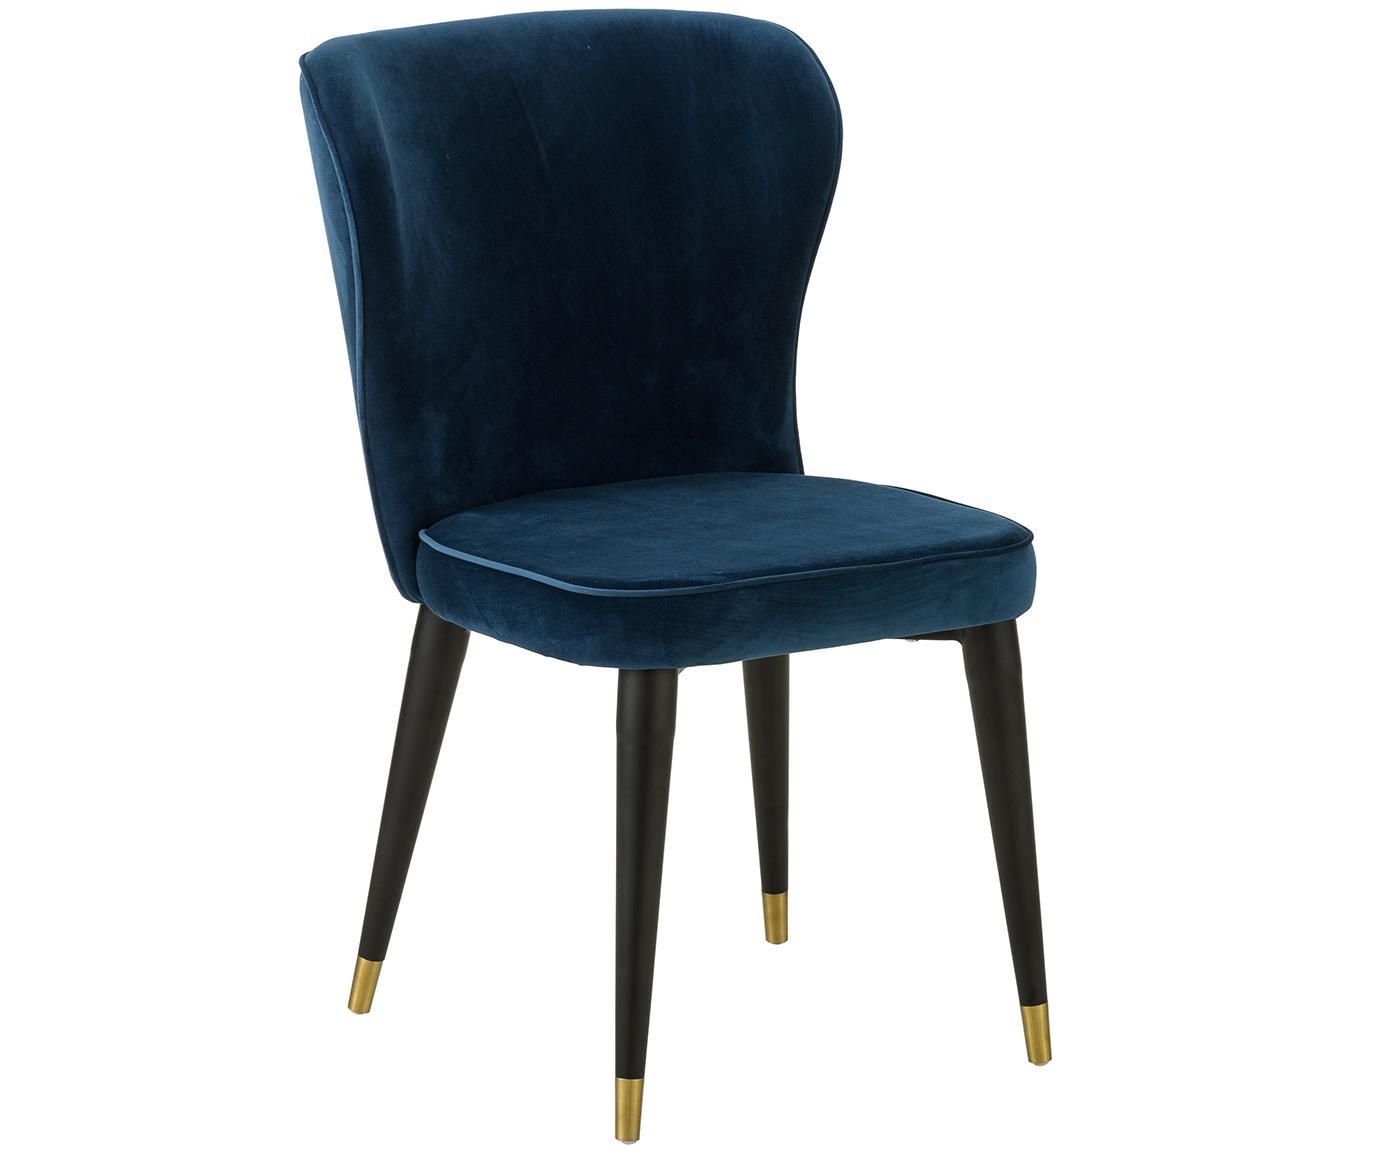 Fluweel gestoffeerde stoel Cleo, Bekleding: fluweel (polyester), Poten: gelakt metaal, Marineblauw, B 51  x D 62 cm